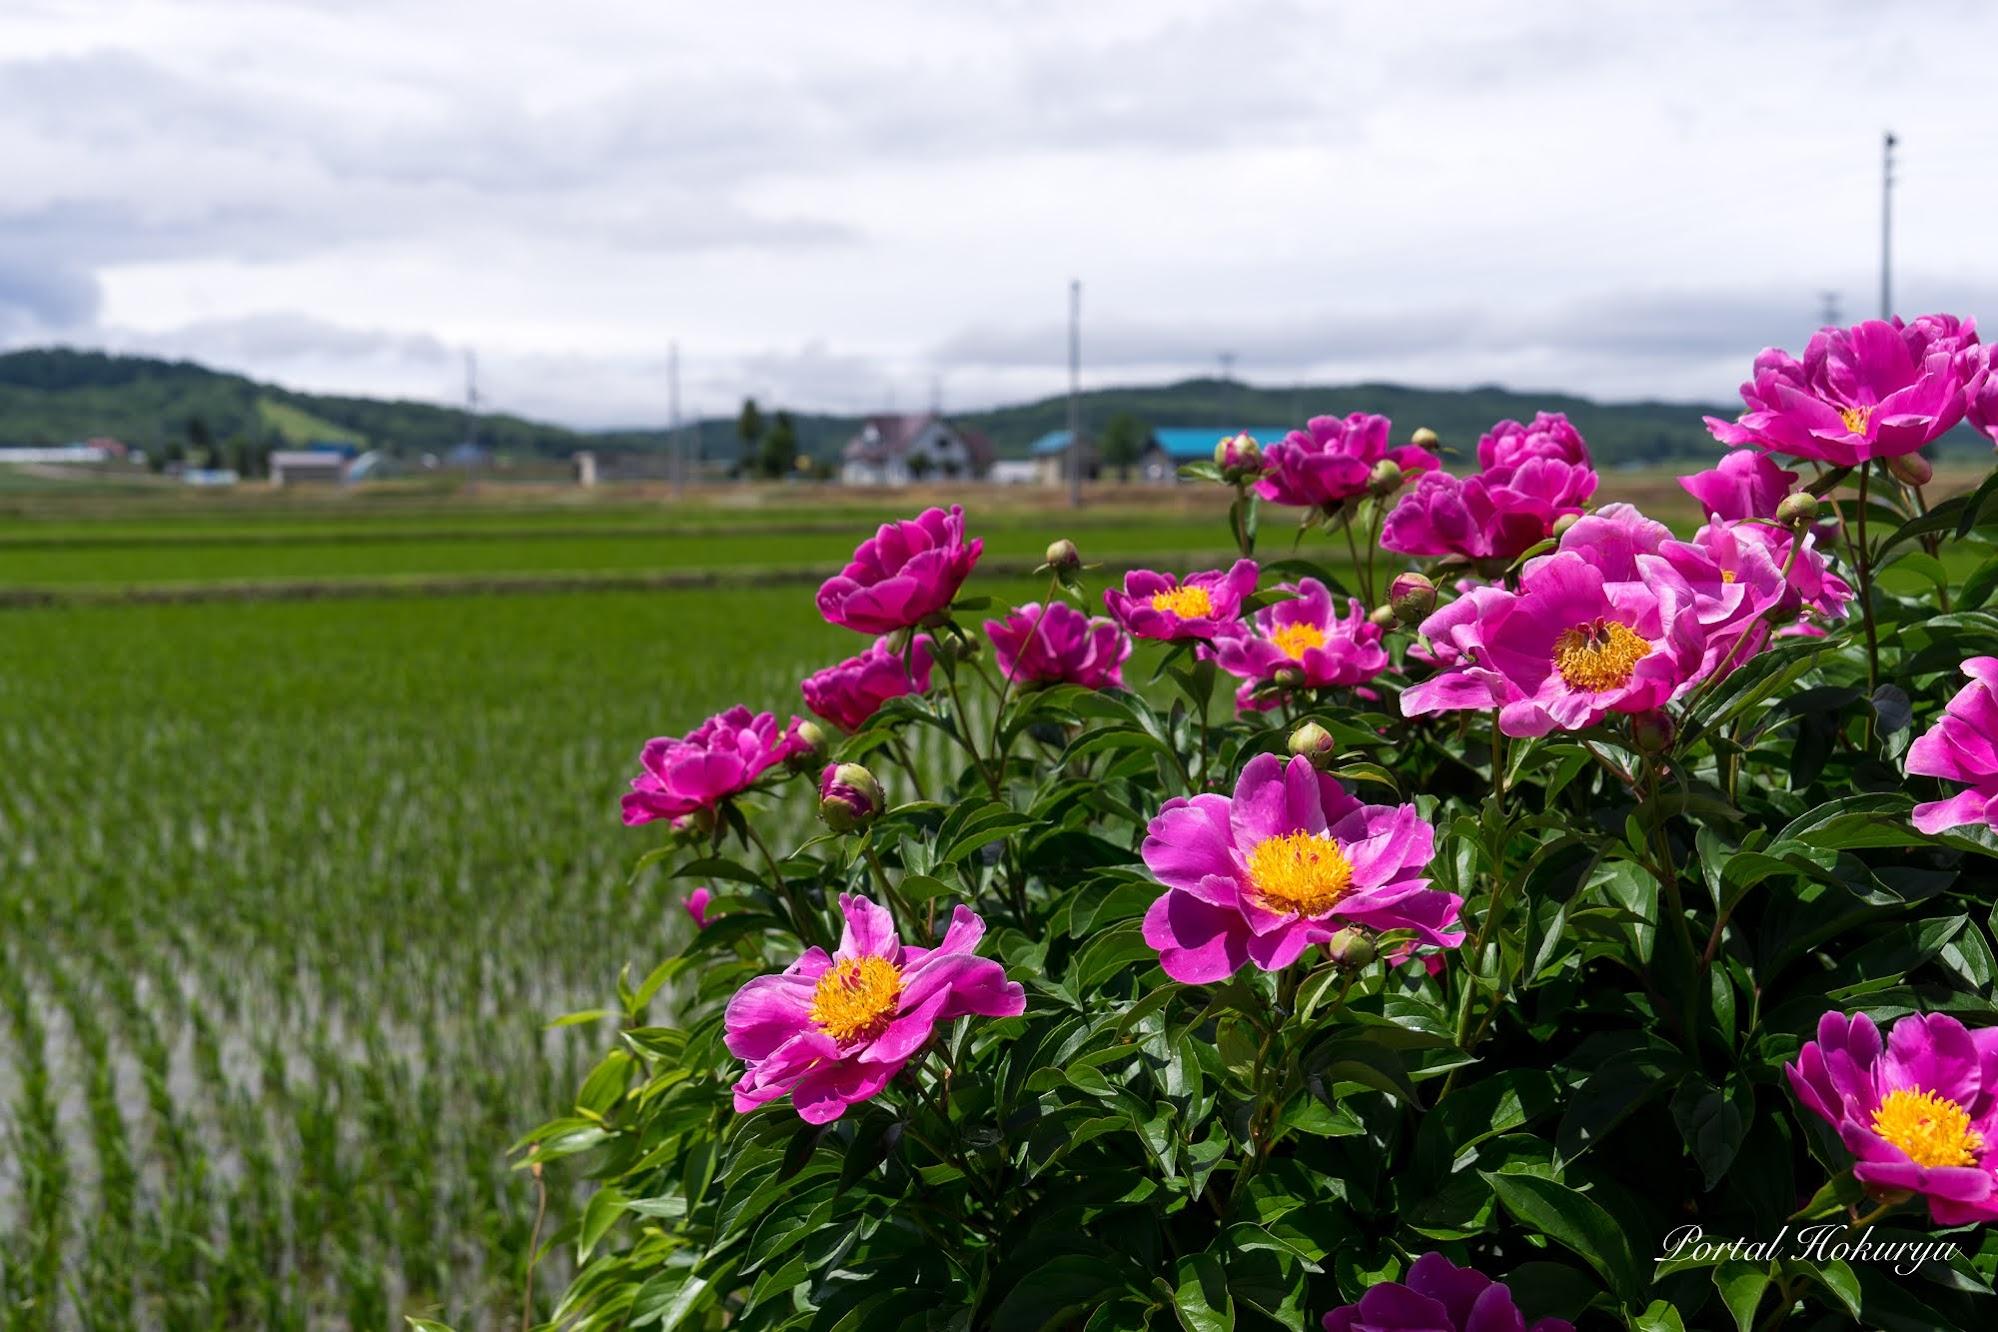 田んぼの脇に咲く慎ましい花たち